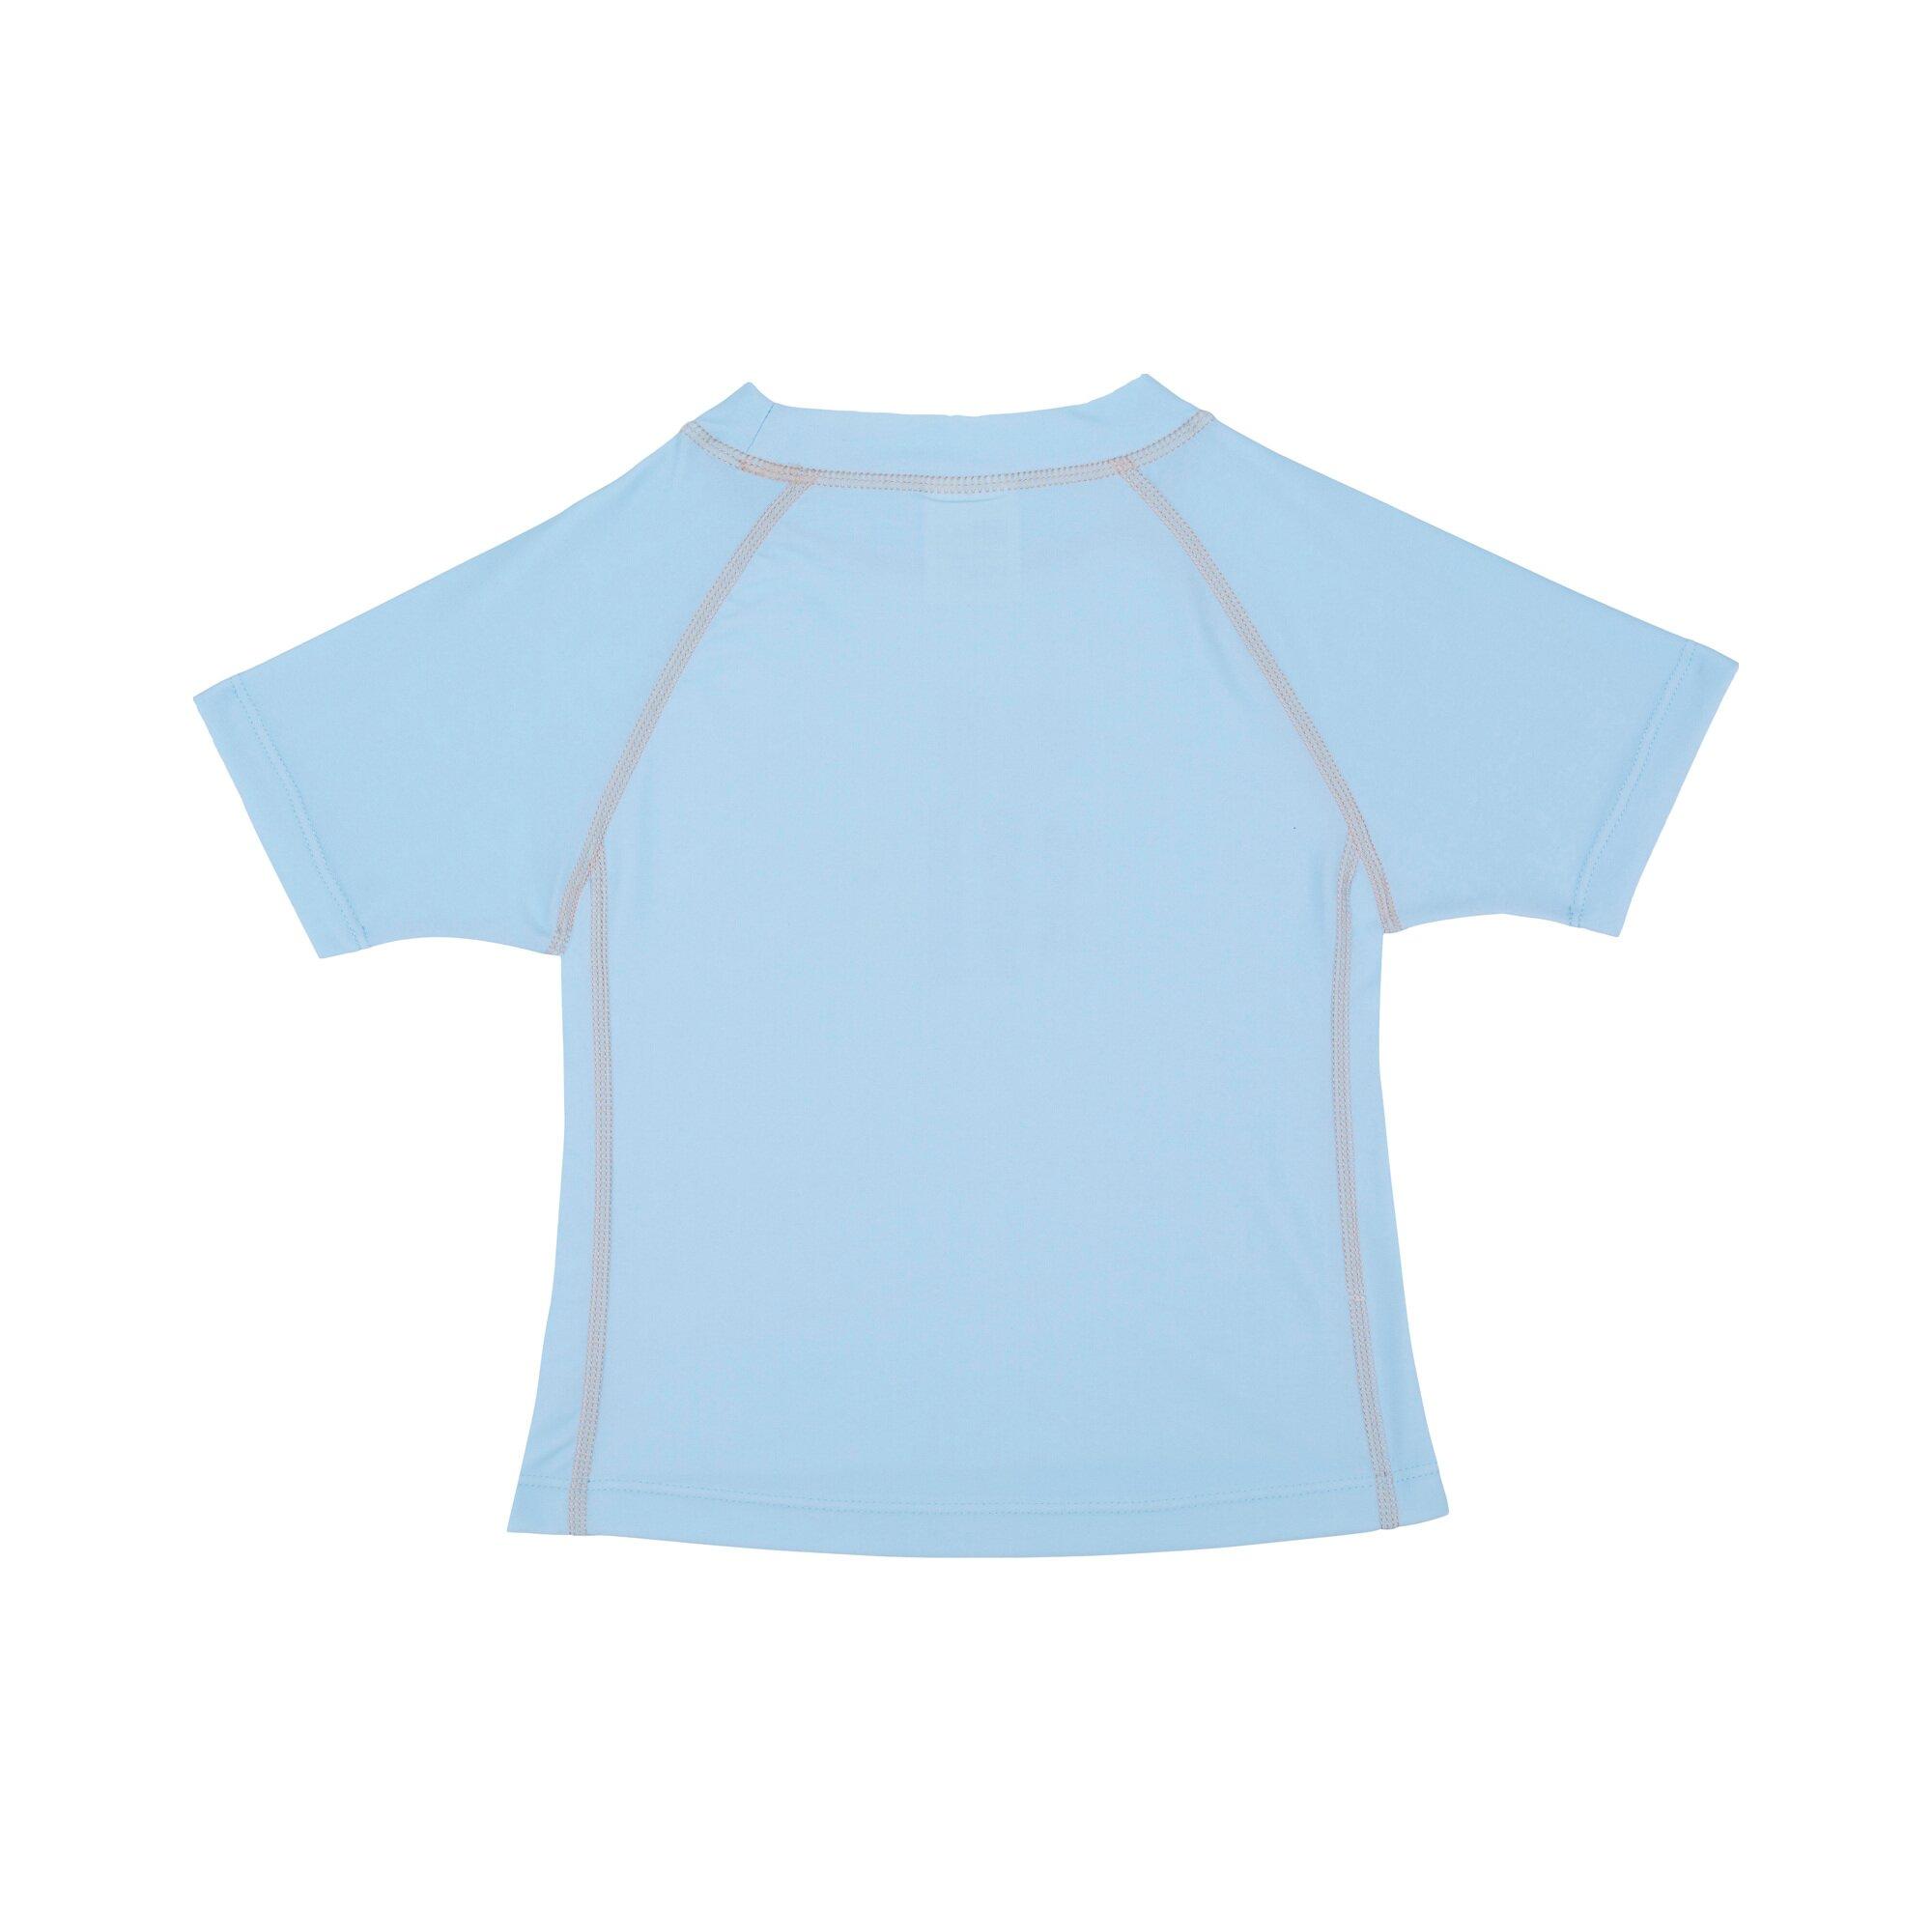 lassig-t-shirt-kurzarm-bee-mit-uv-schutz